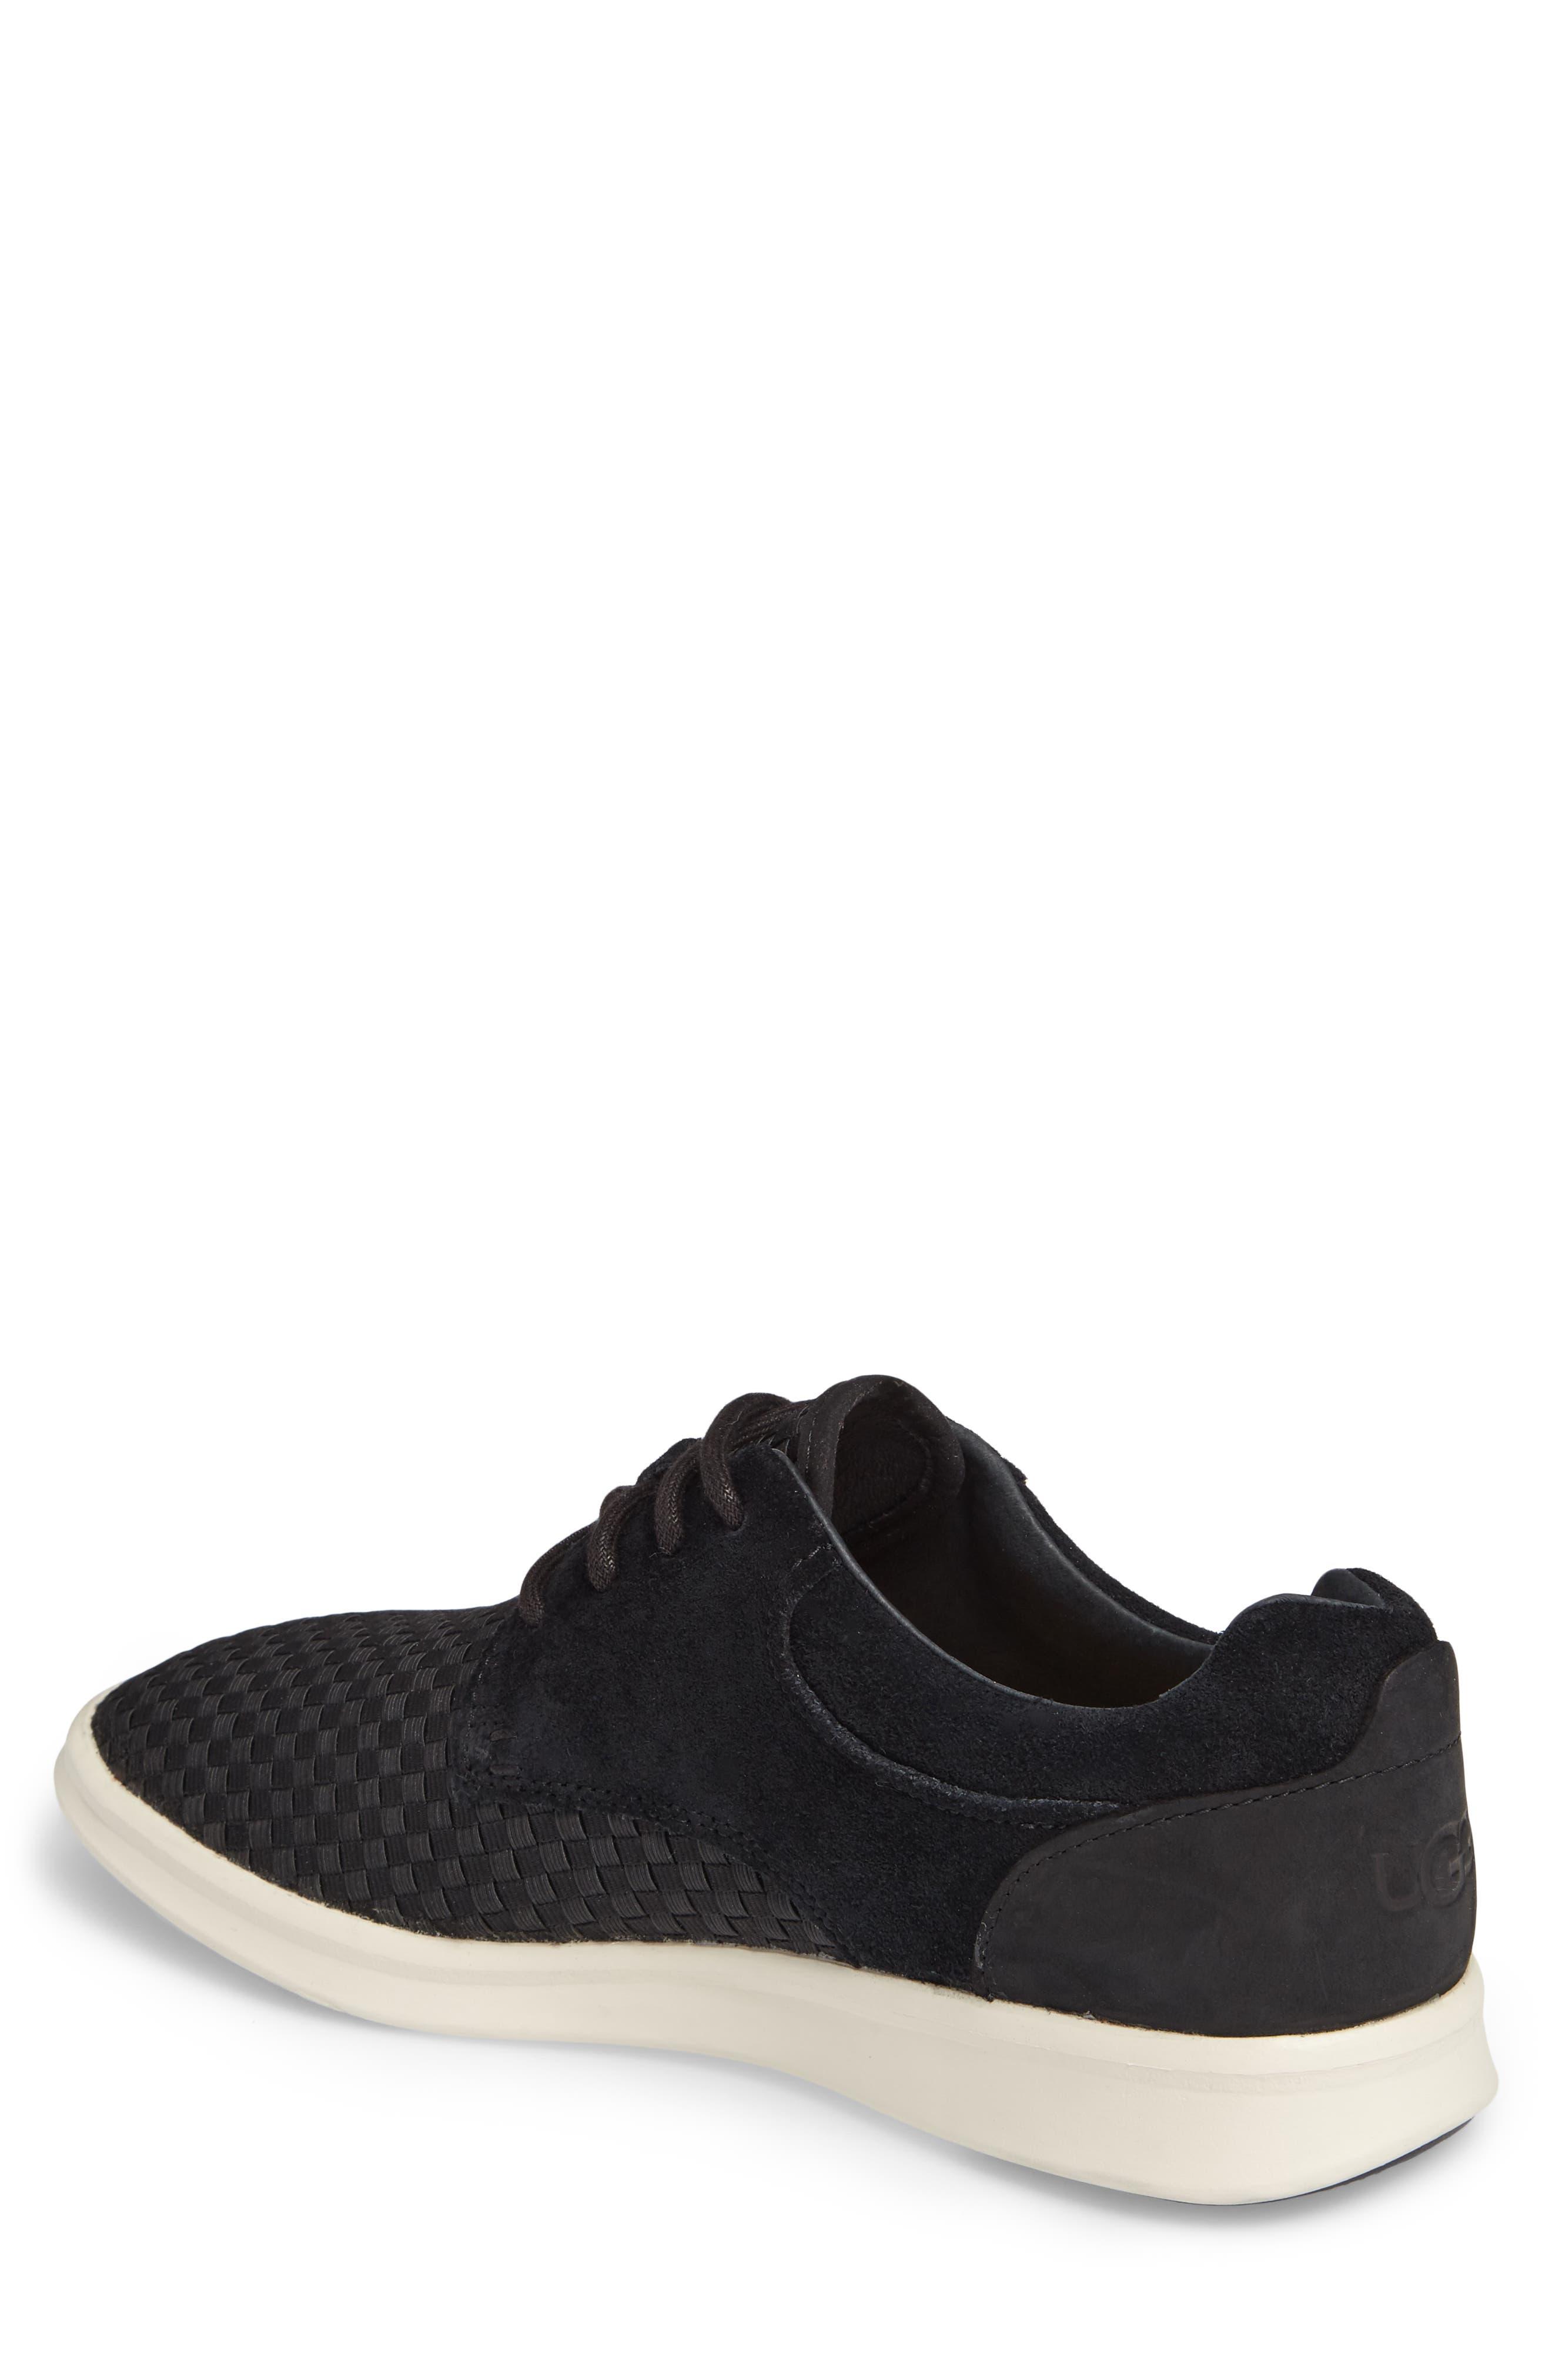 'Hepner' Woven Sneaker,                             Alternate thumbnail 2, color,                             Blk